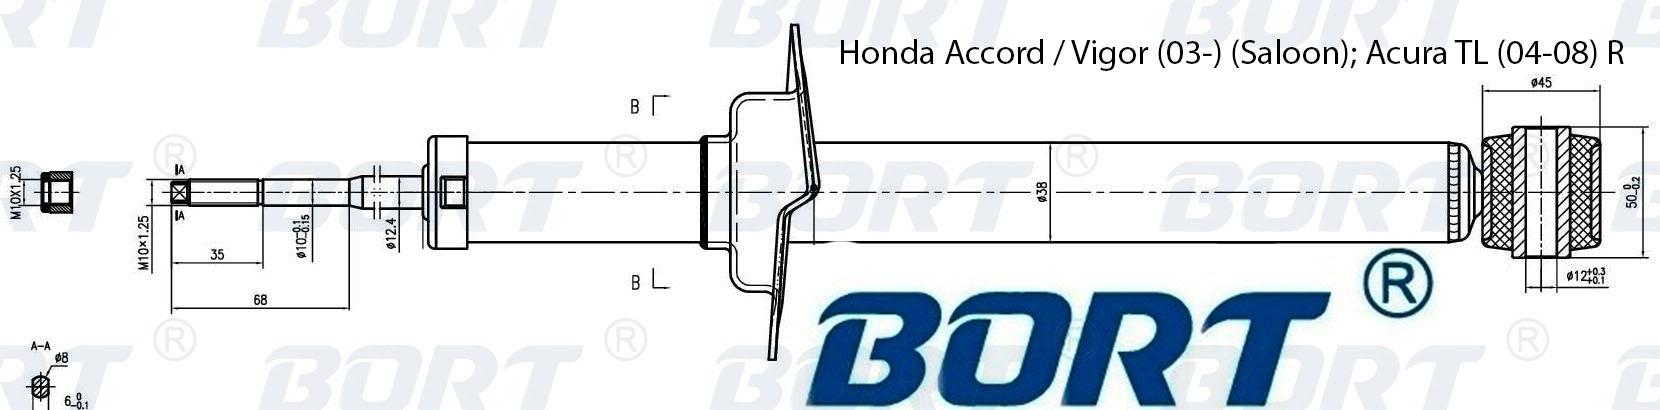 Амортизатор газомаслянный задний. BORT (G41238121)